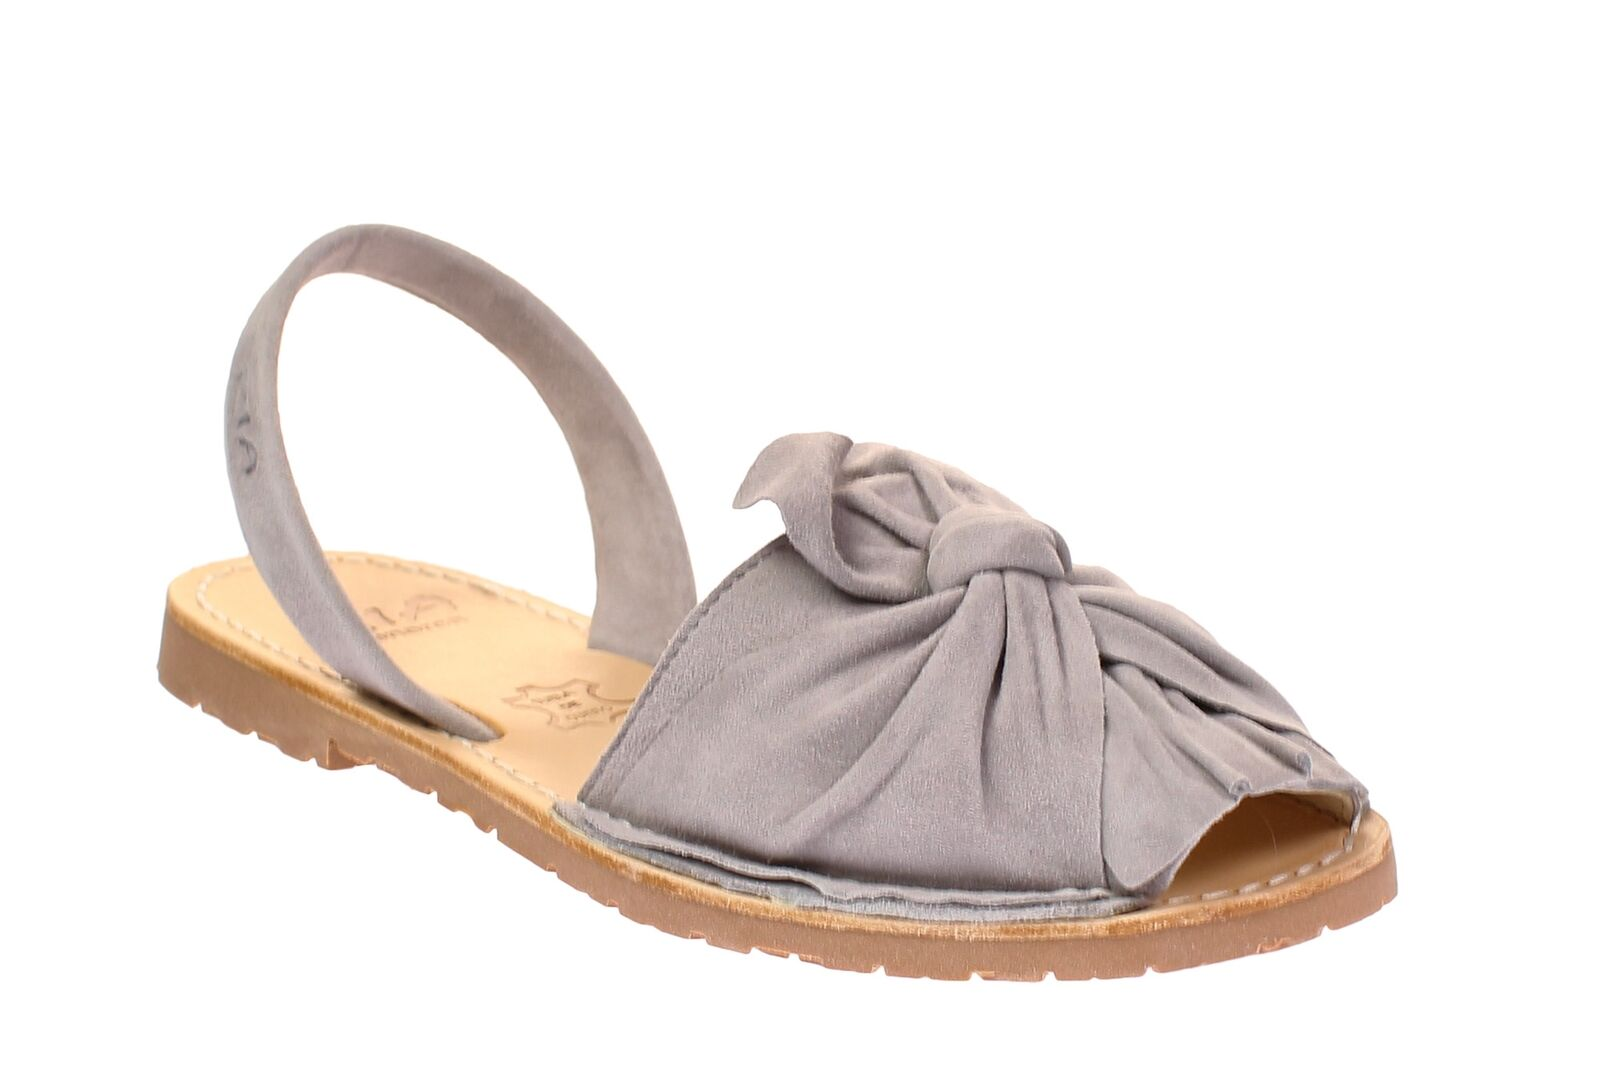 Ria Menorca 27167-S2 ANTE C - Damen Schuhe offene Schuhe Sandaleetten - caramelo